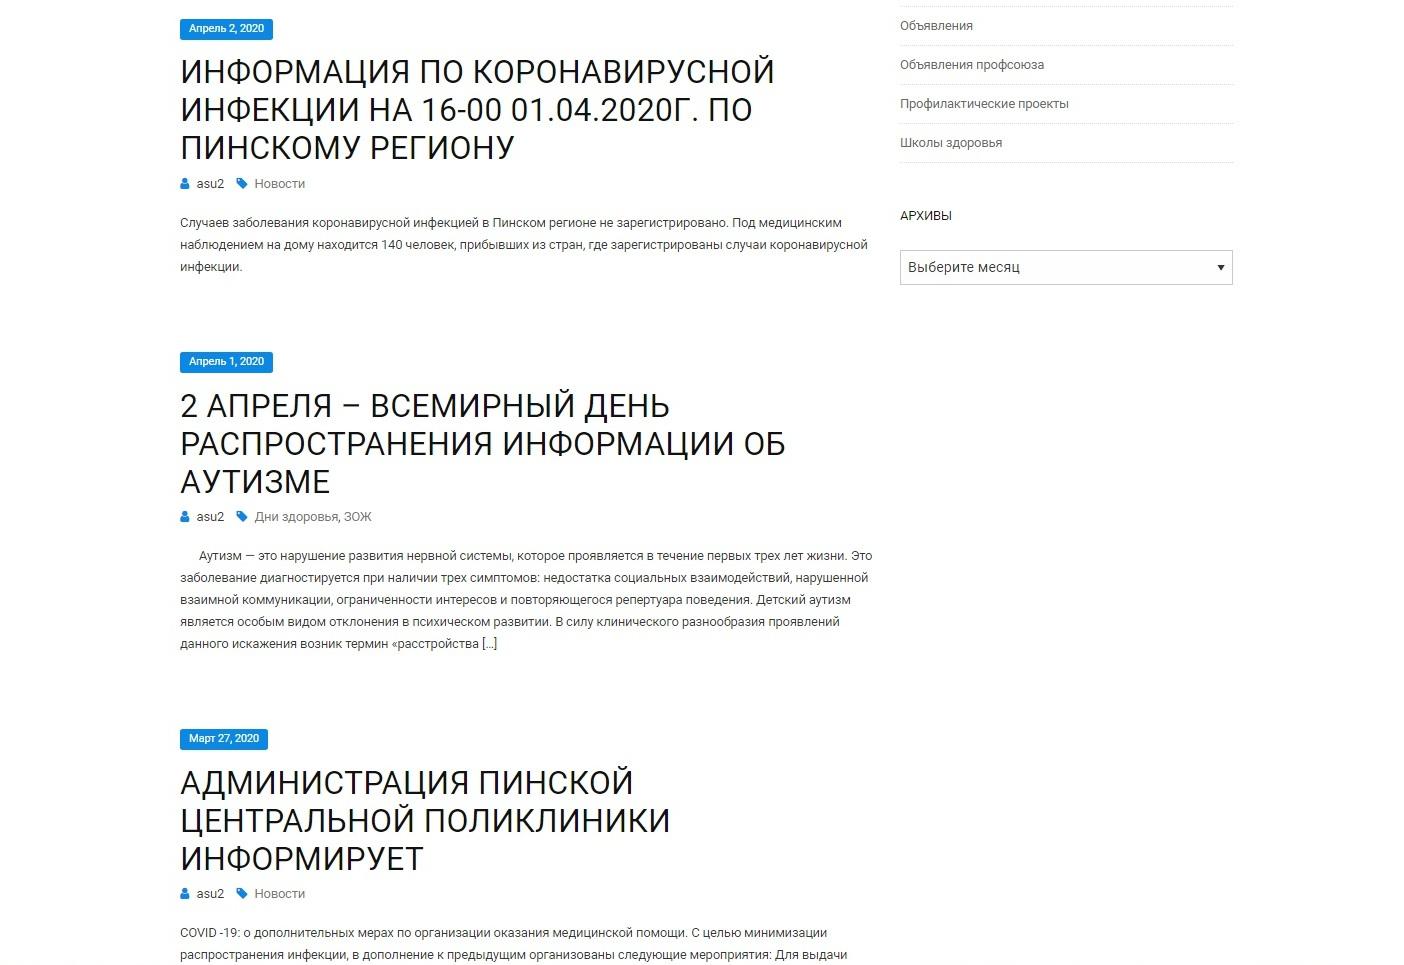 Теперь на сайте поликлиники вообще отсутствуют новости за 28 – 31 марта. Скриншот с сайта ПЦП